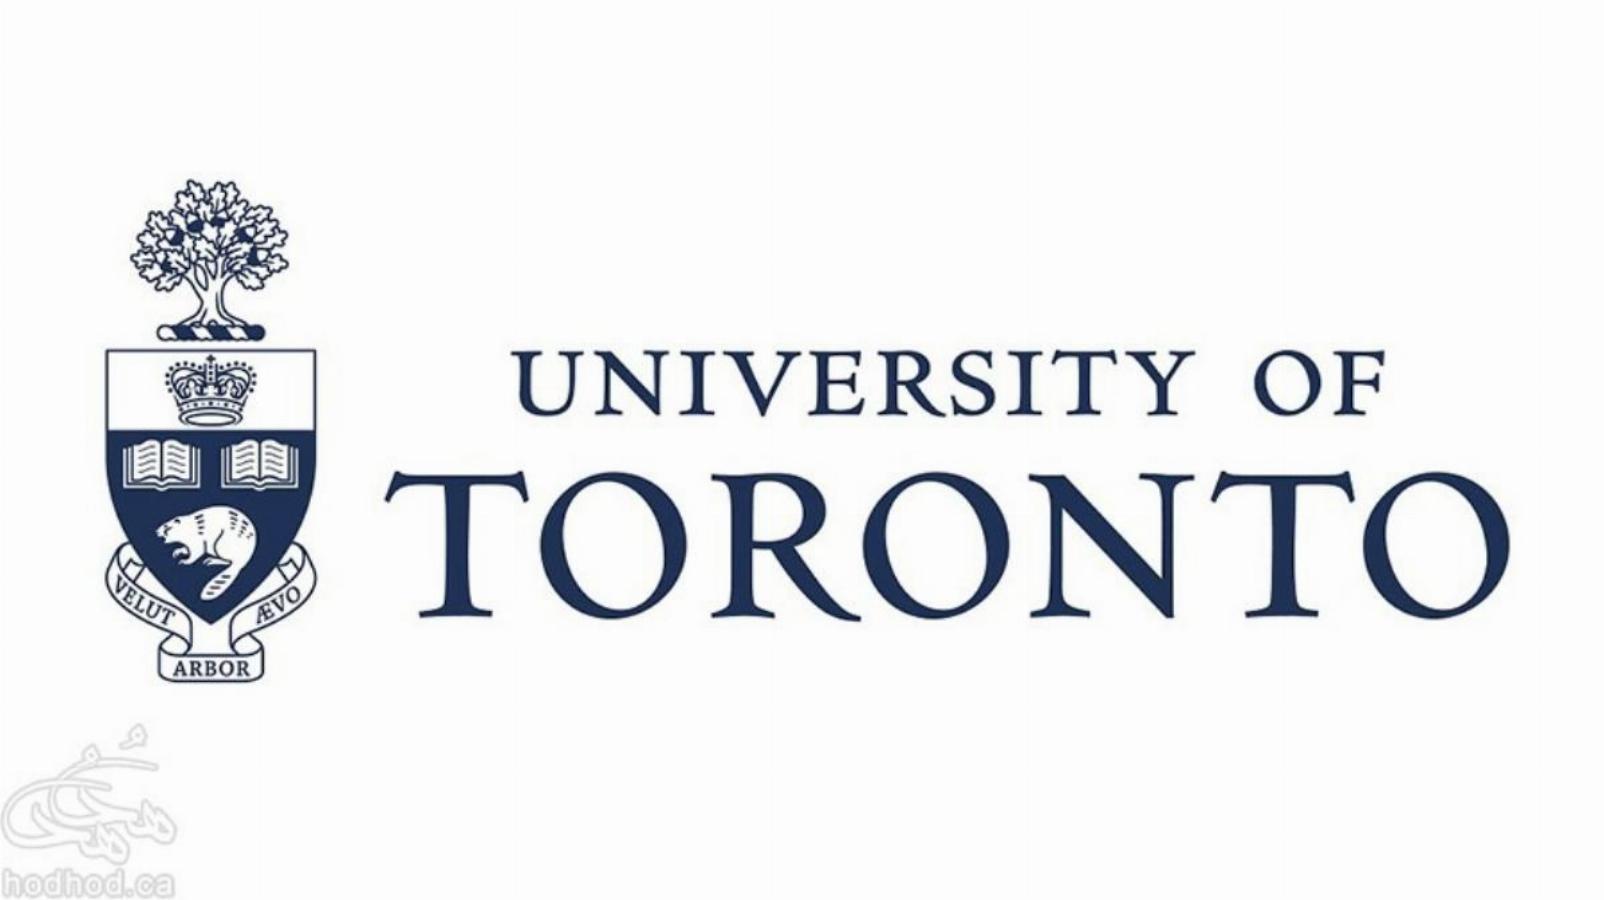 معرفی دانشگاه های کانادا: معرفی دانشگاه تورنتو